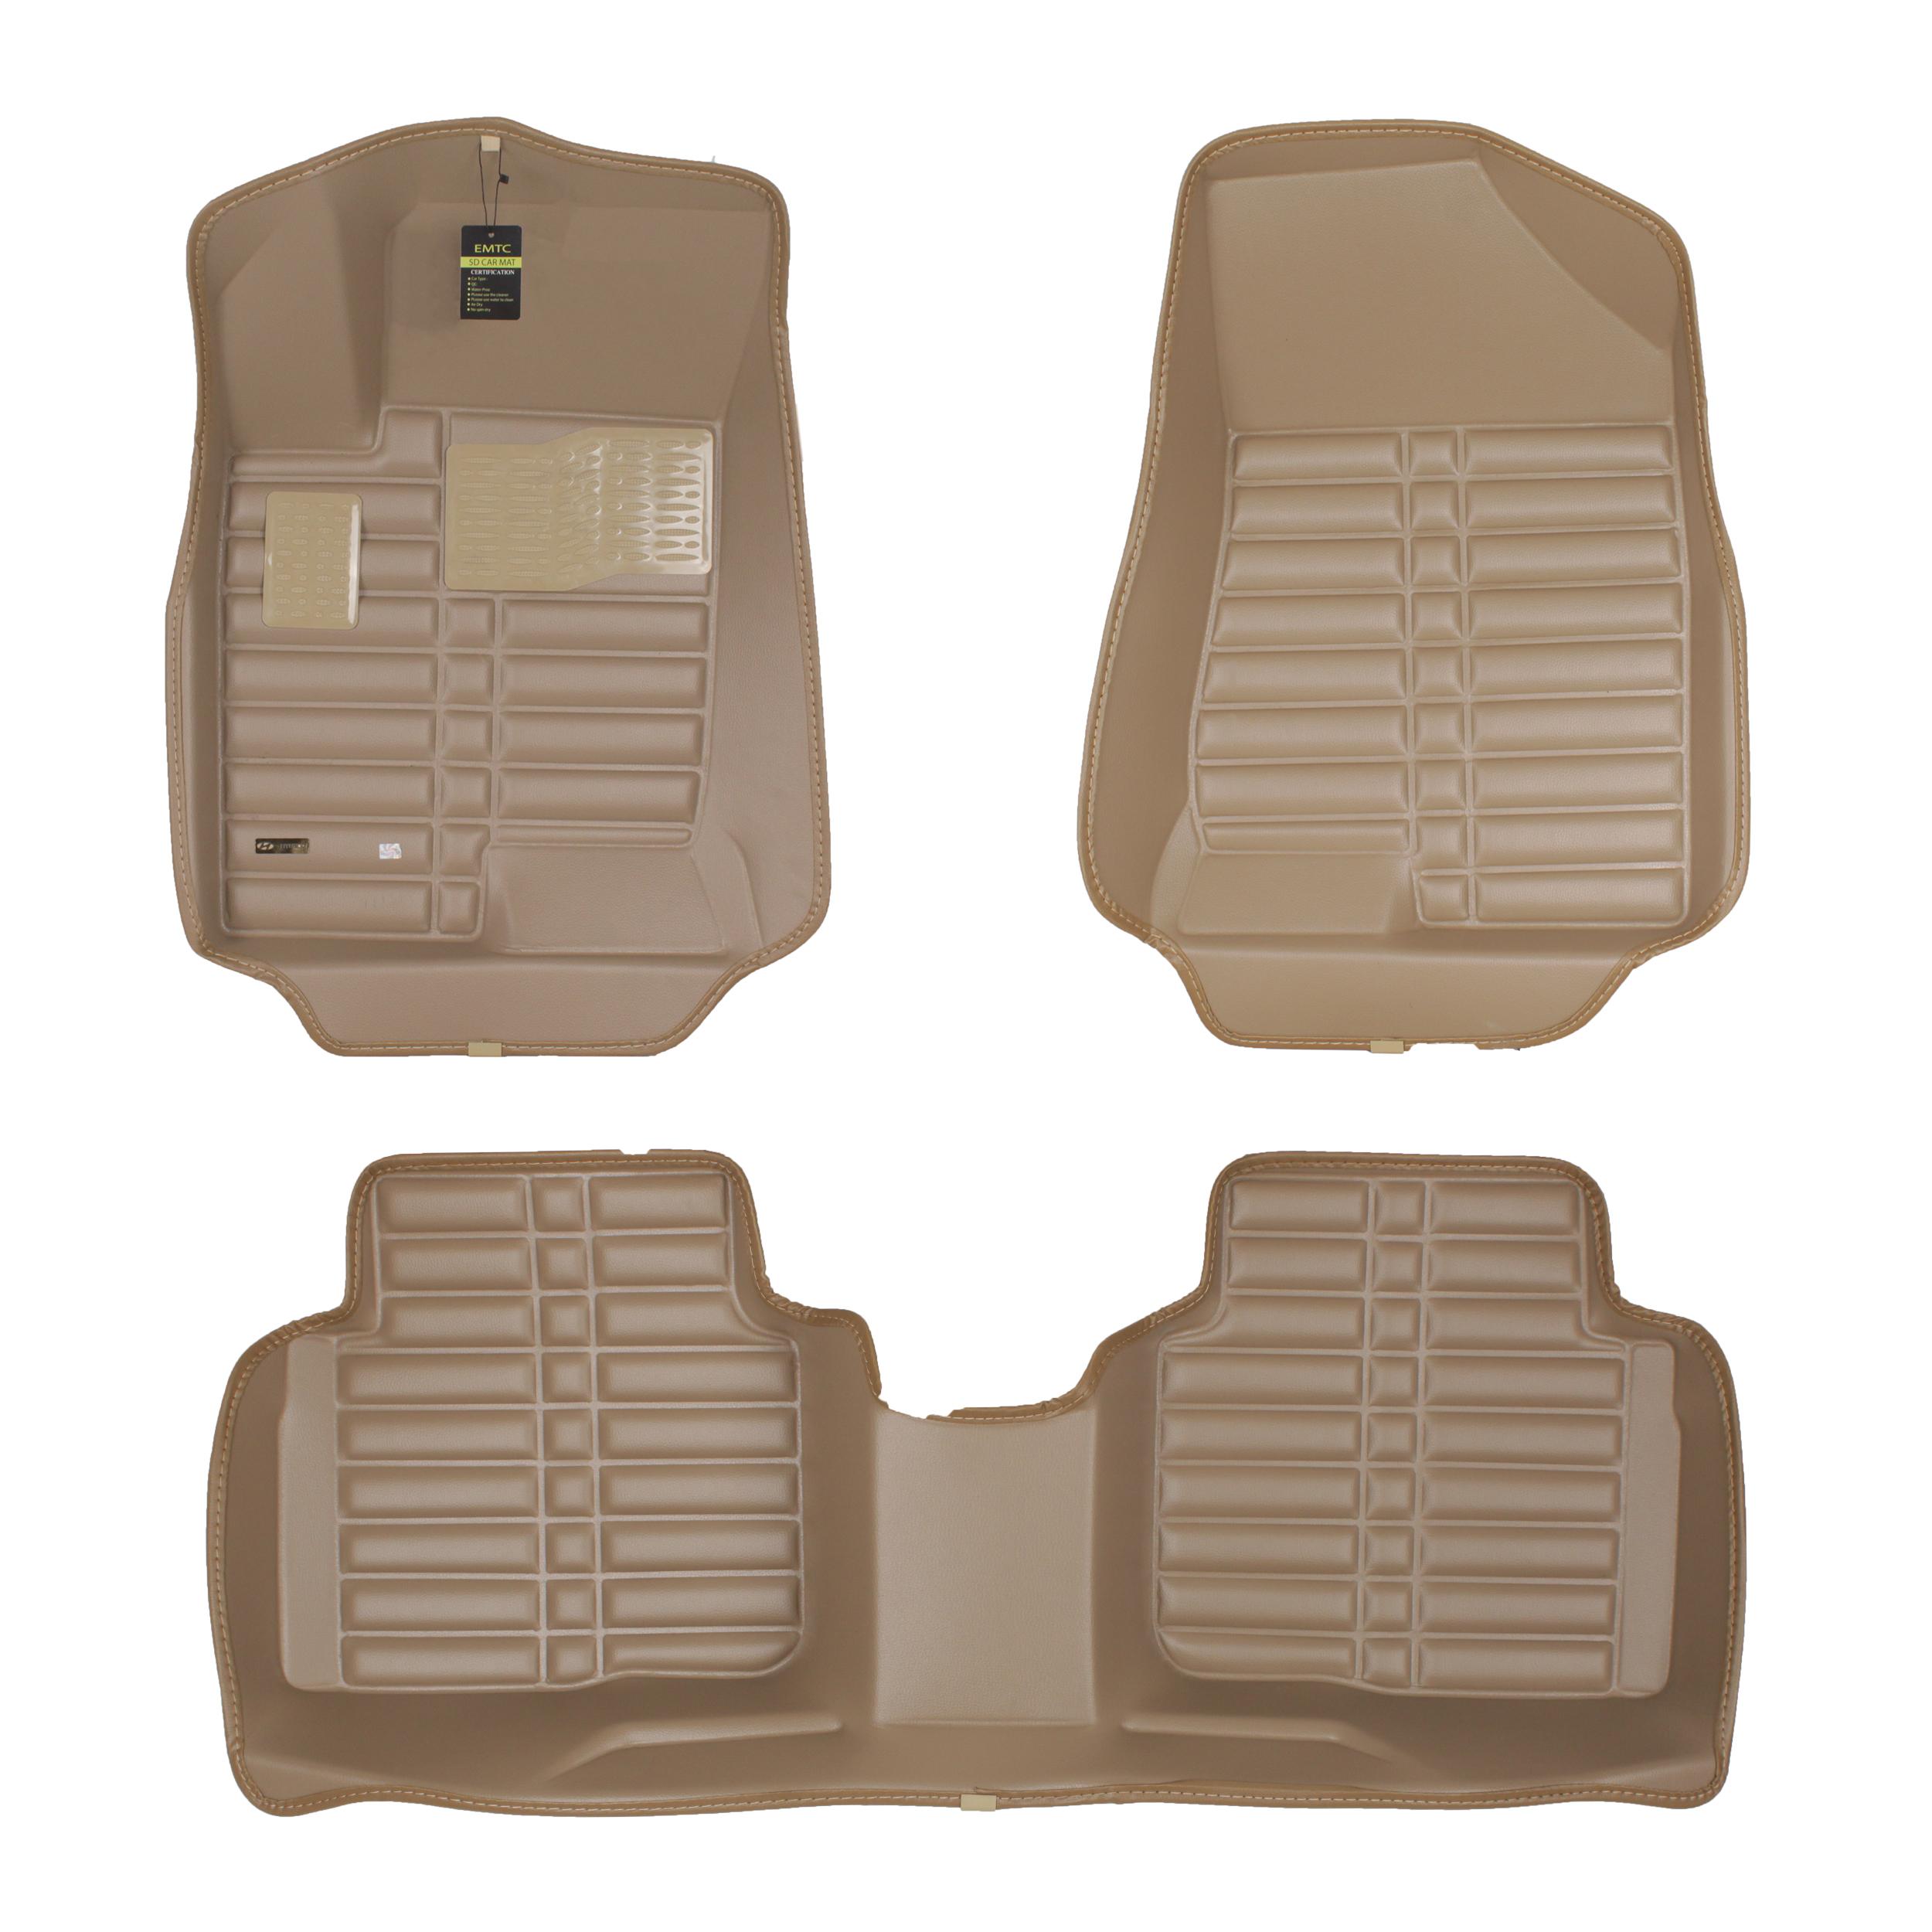 کفپوش سه بعدی خودرو ای ام تی سی مدل TC 2 مناسب برای هیوندای سوناتا NF